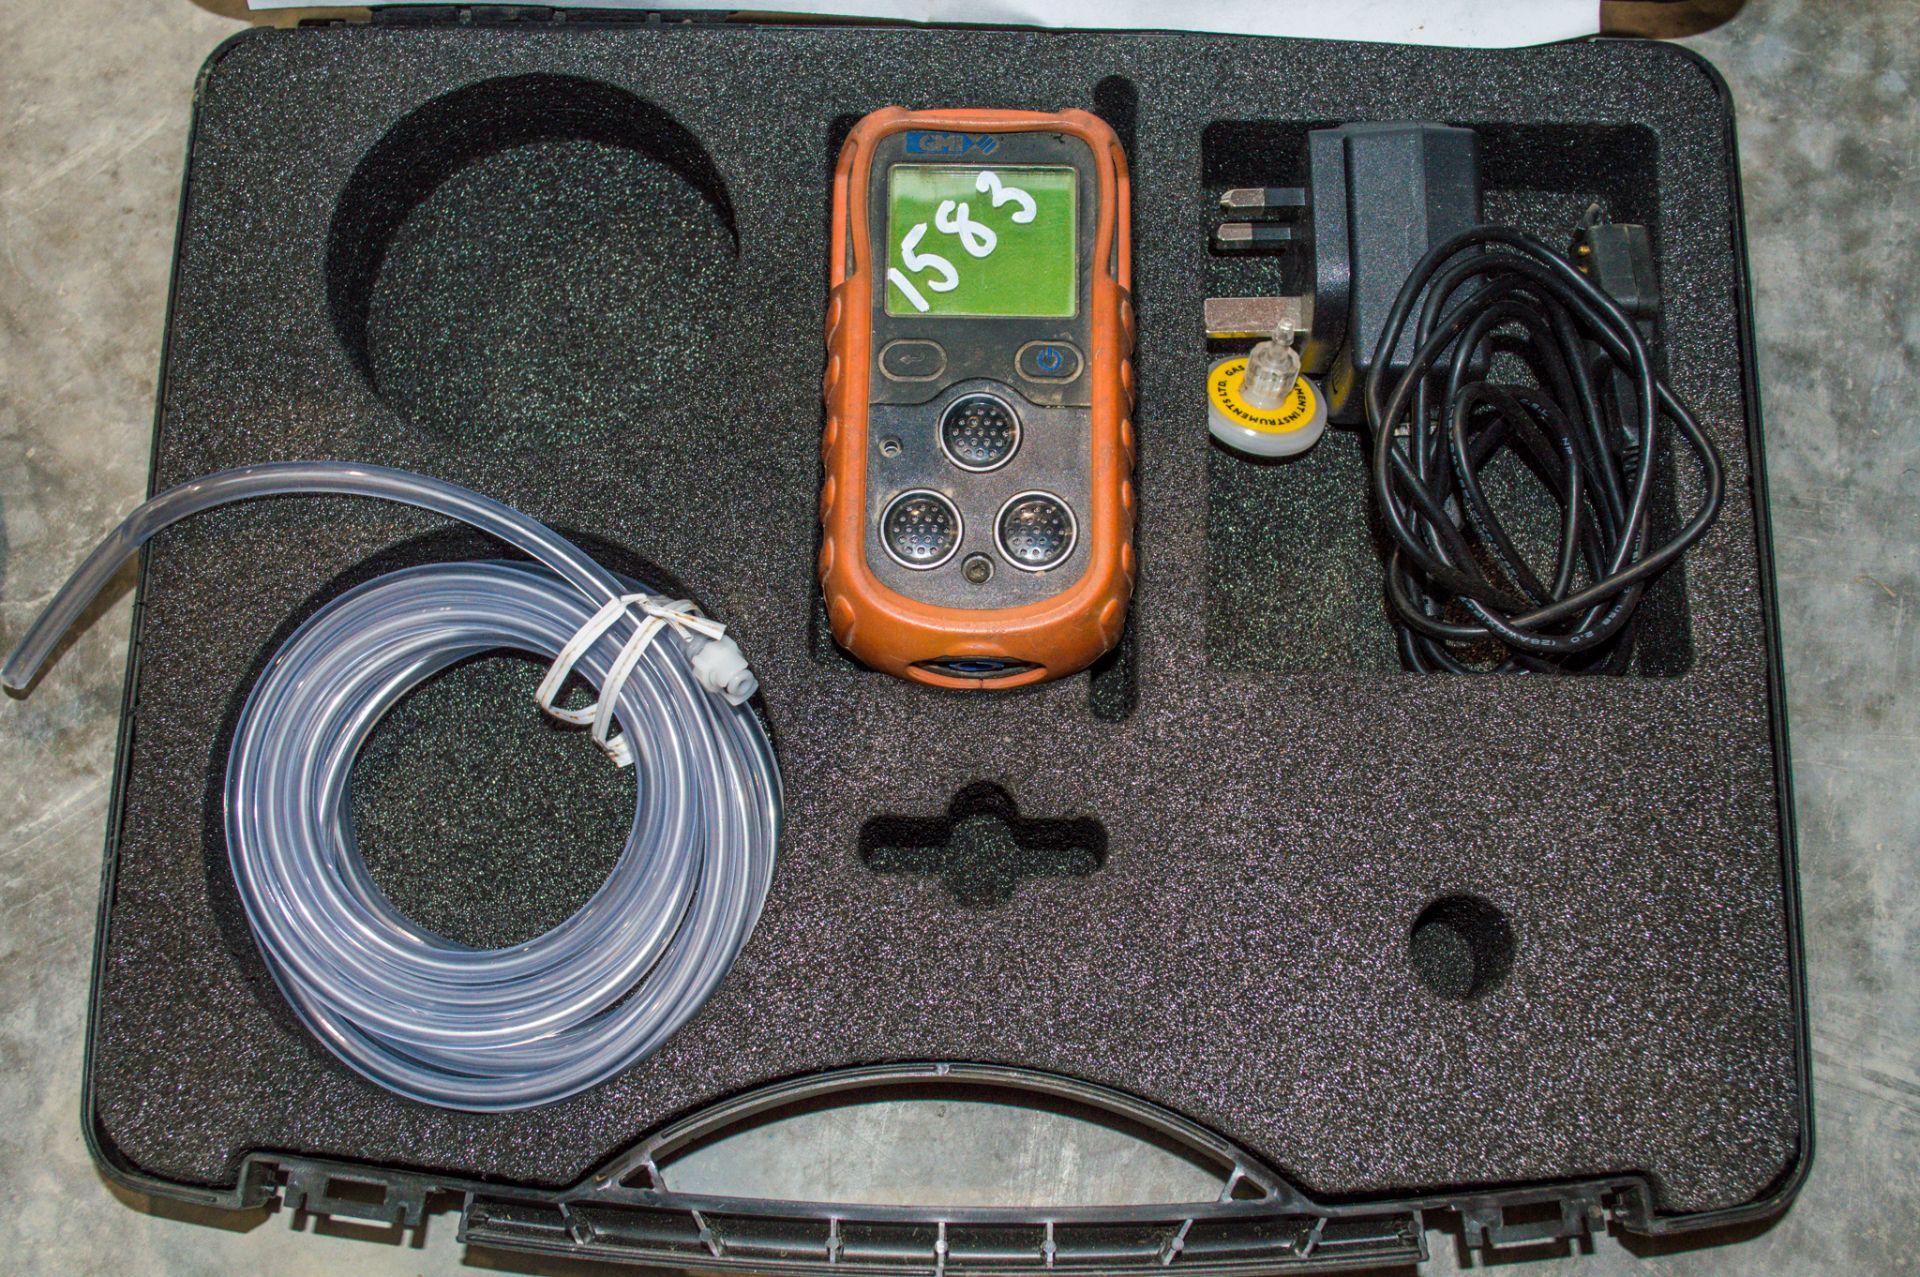 GMI gas detection alarm c/w carry case LM903109